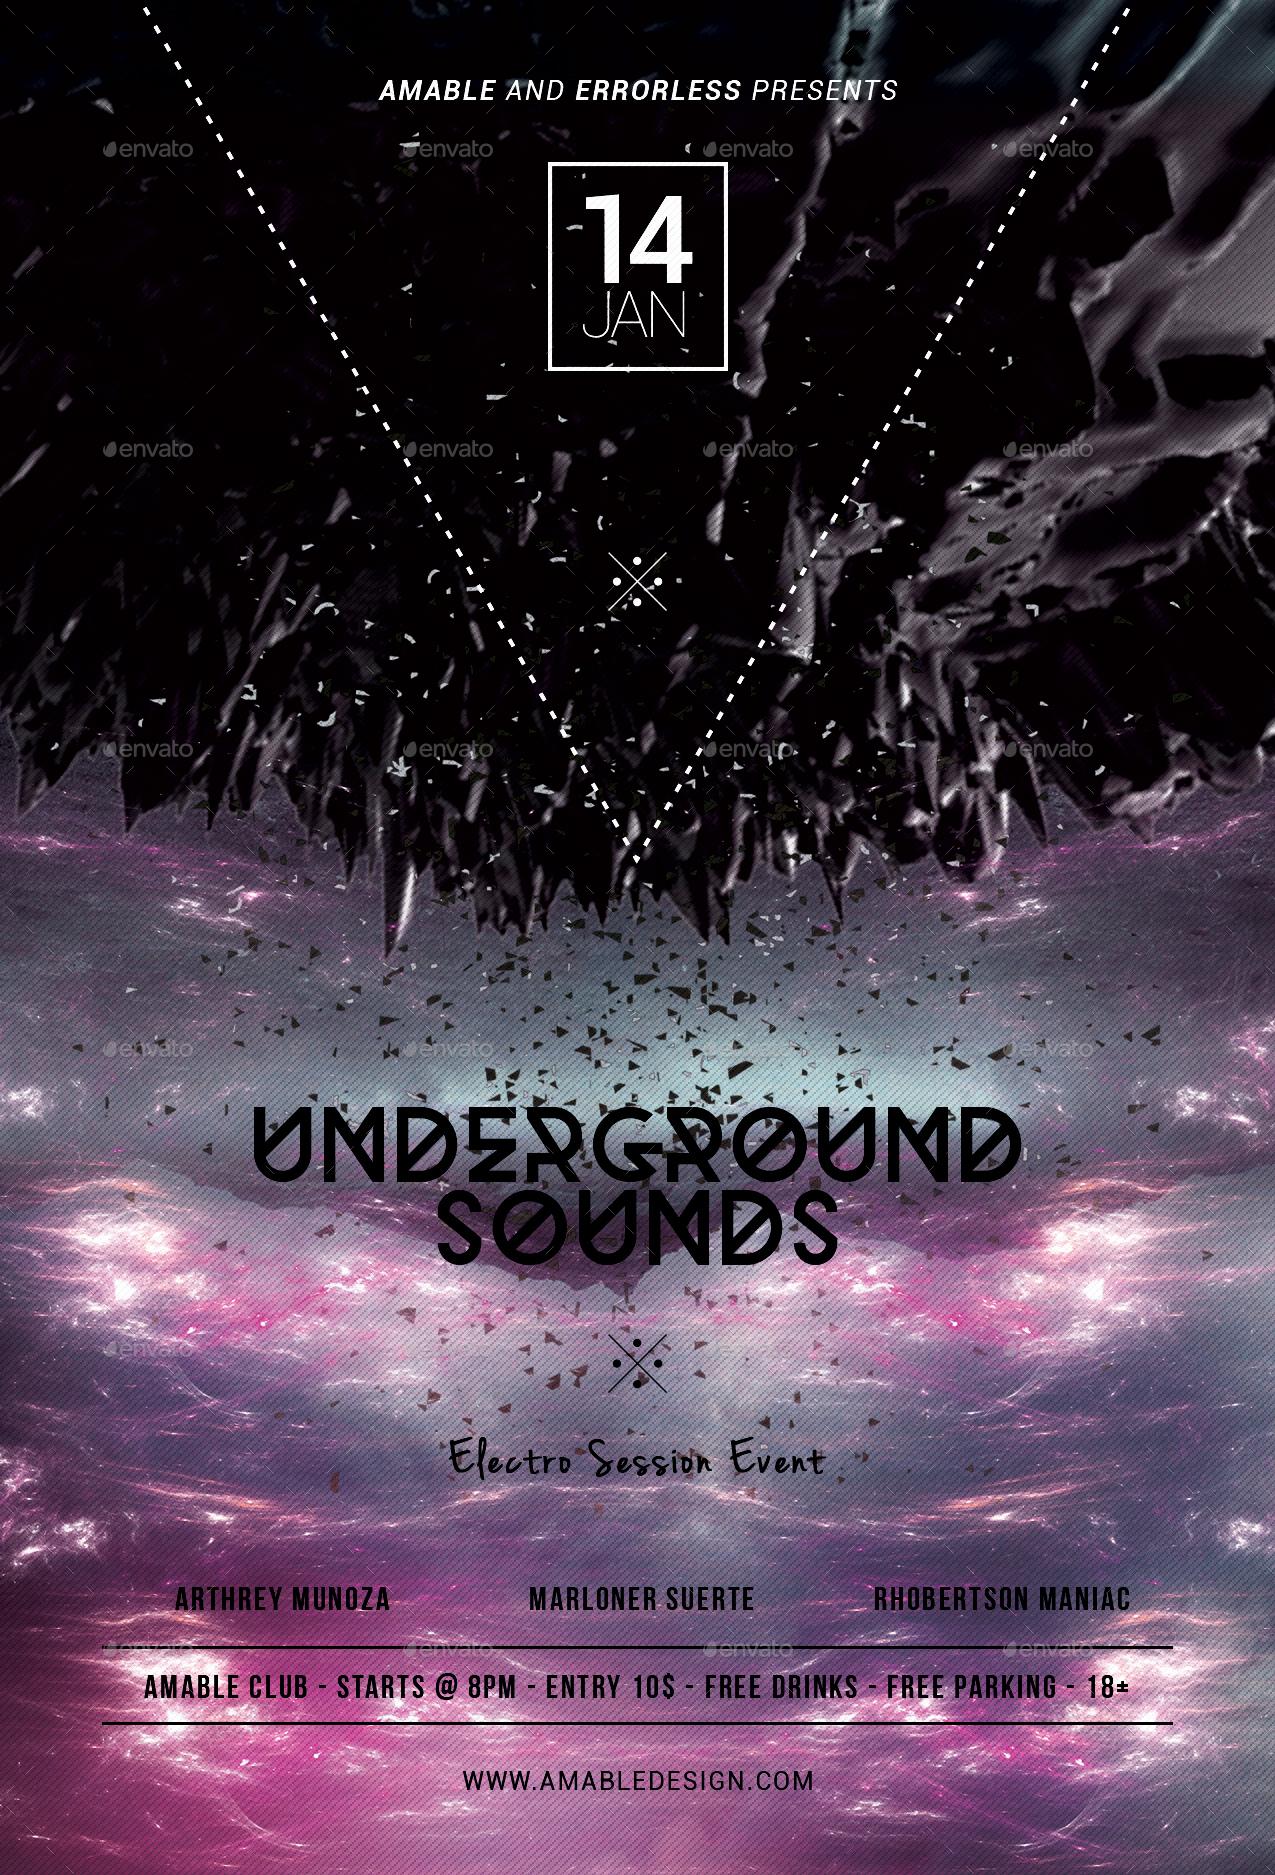 Underground Sounds Flyer